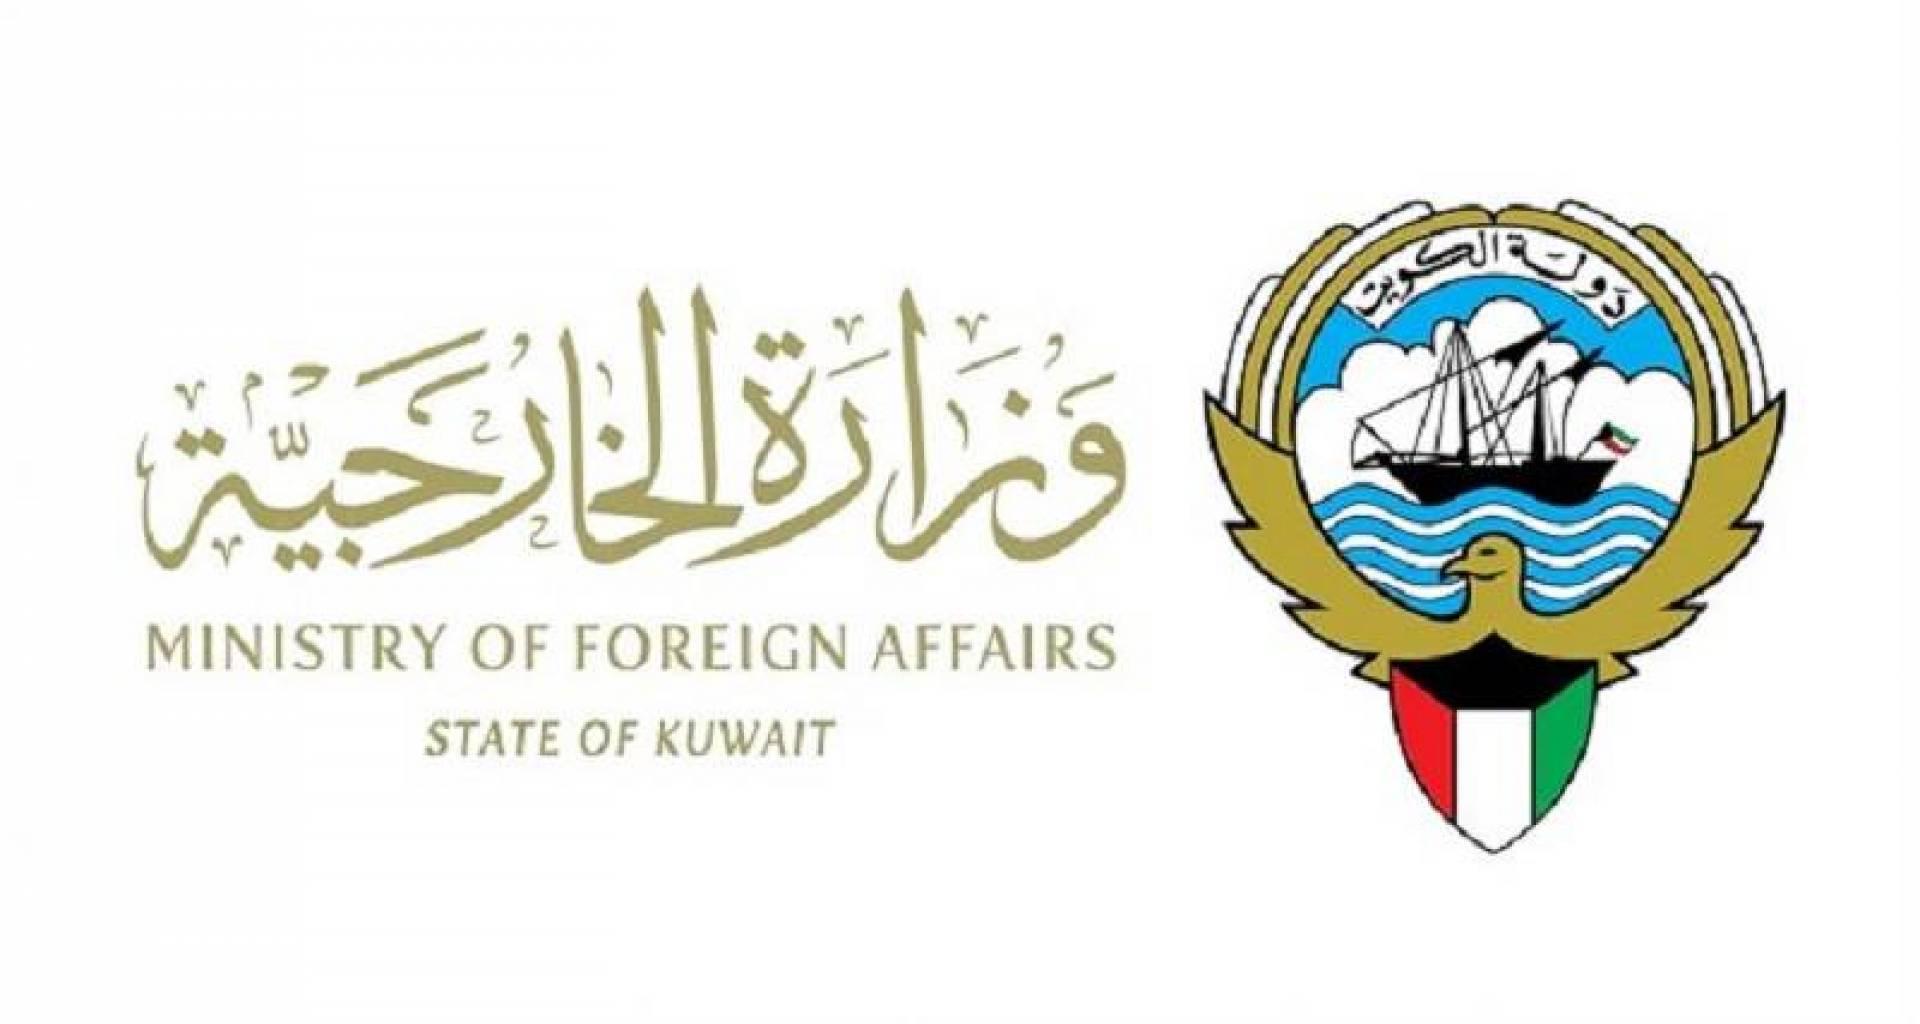 سفارة الكويت بالبحرين: زيارة المملكة تتطلب إذناً مسبقاً لدخولها